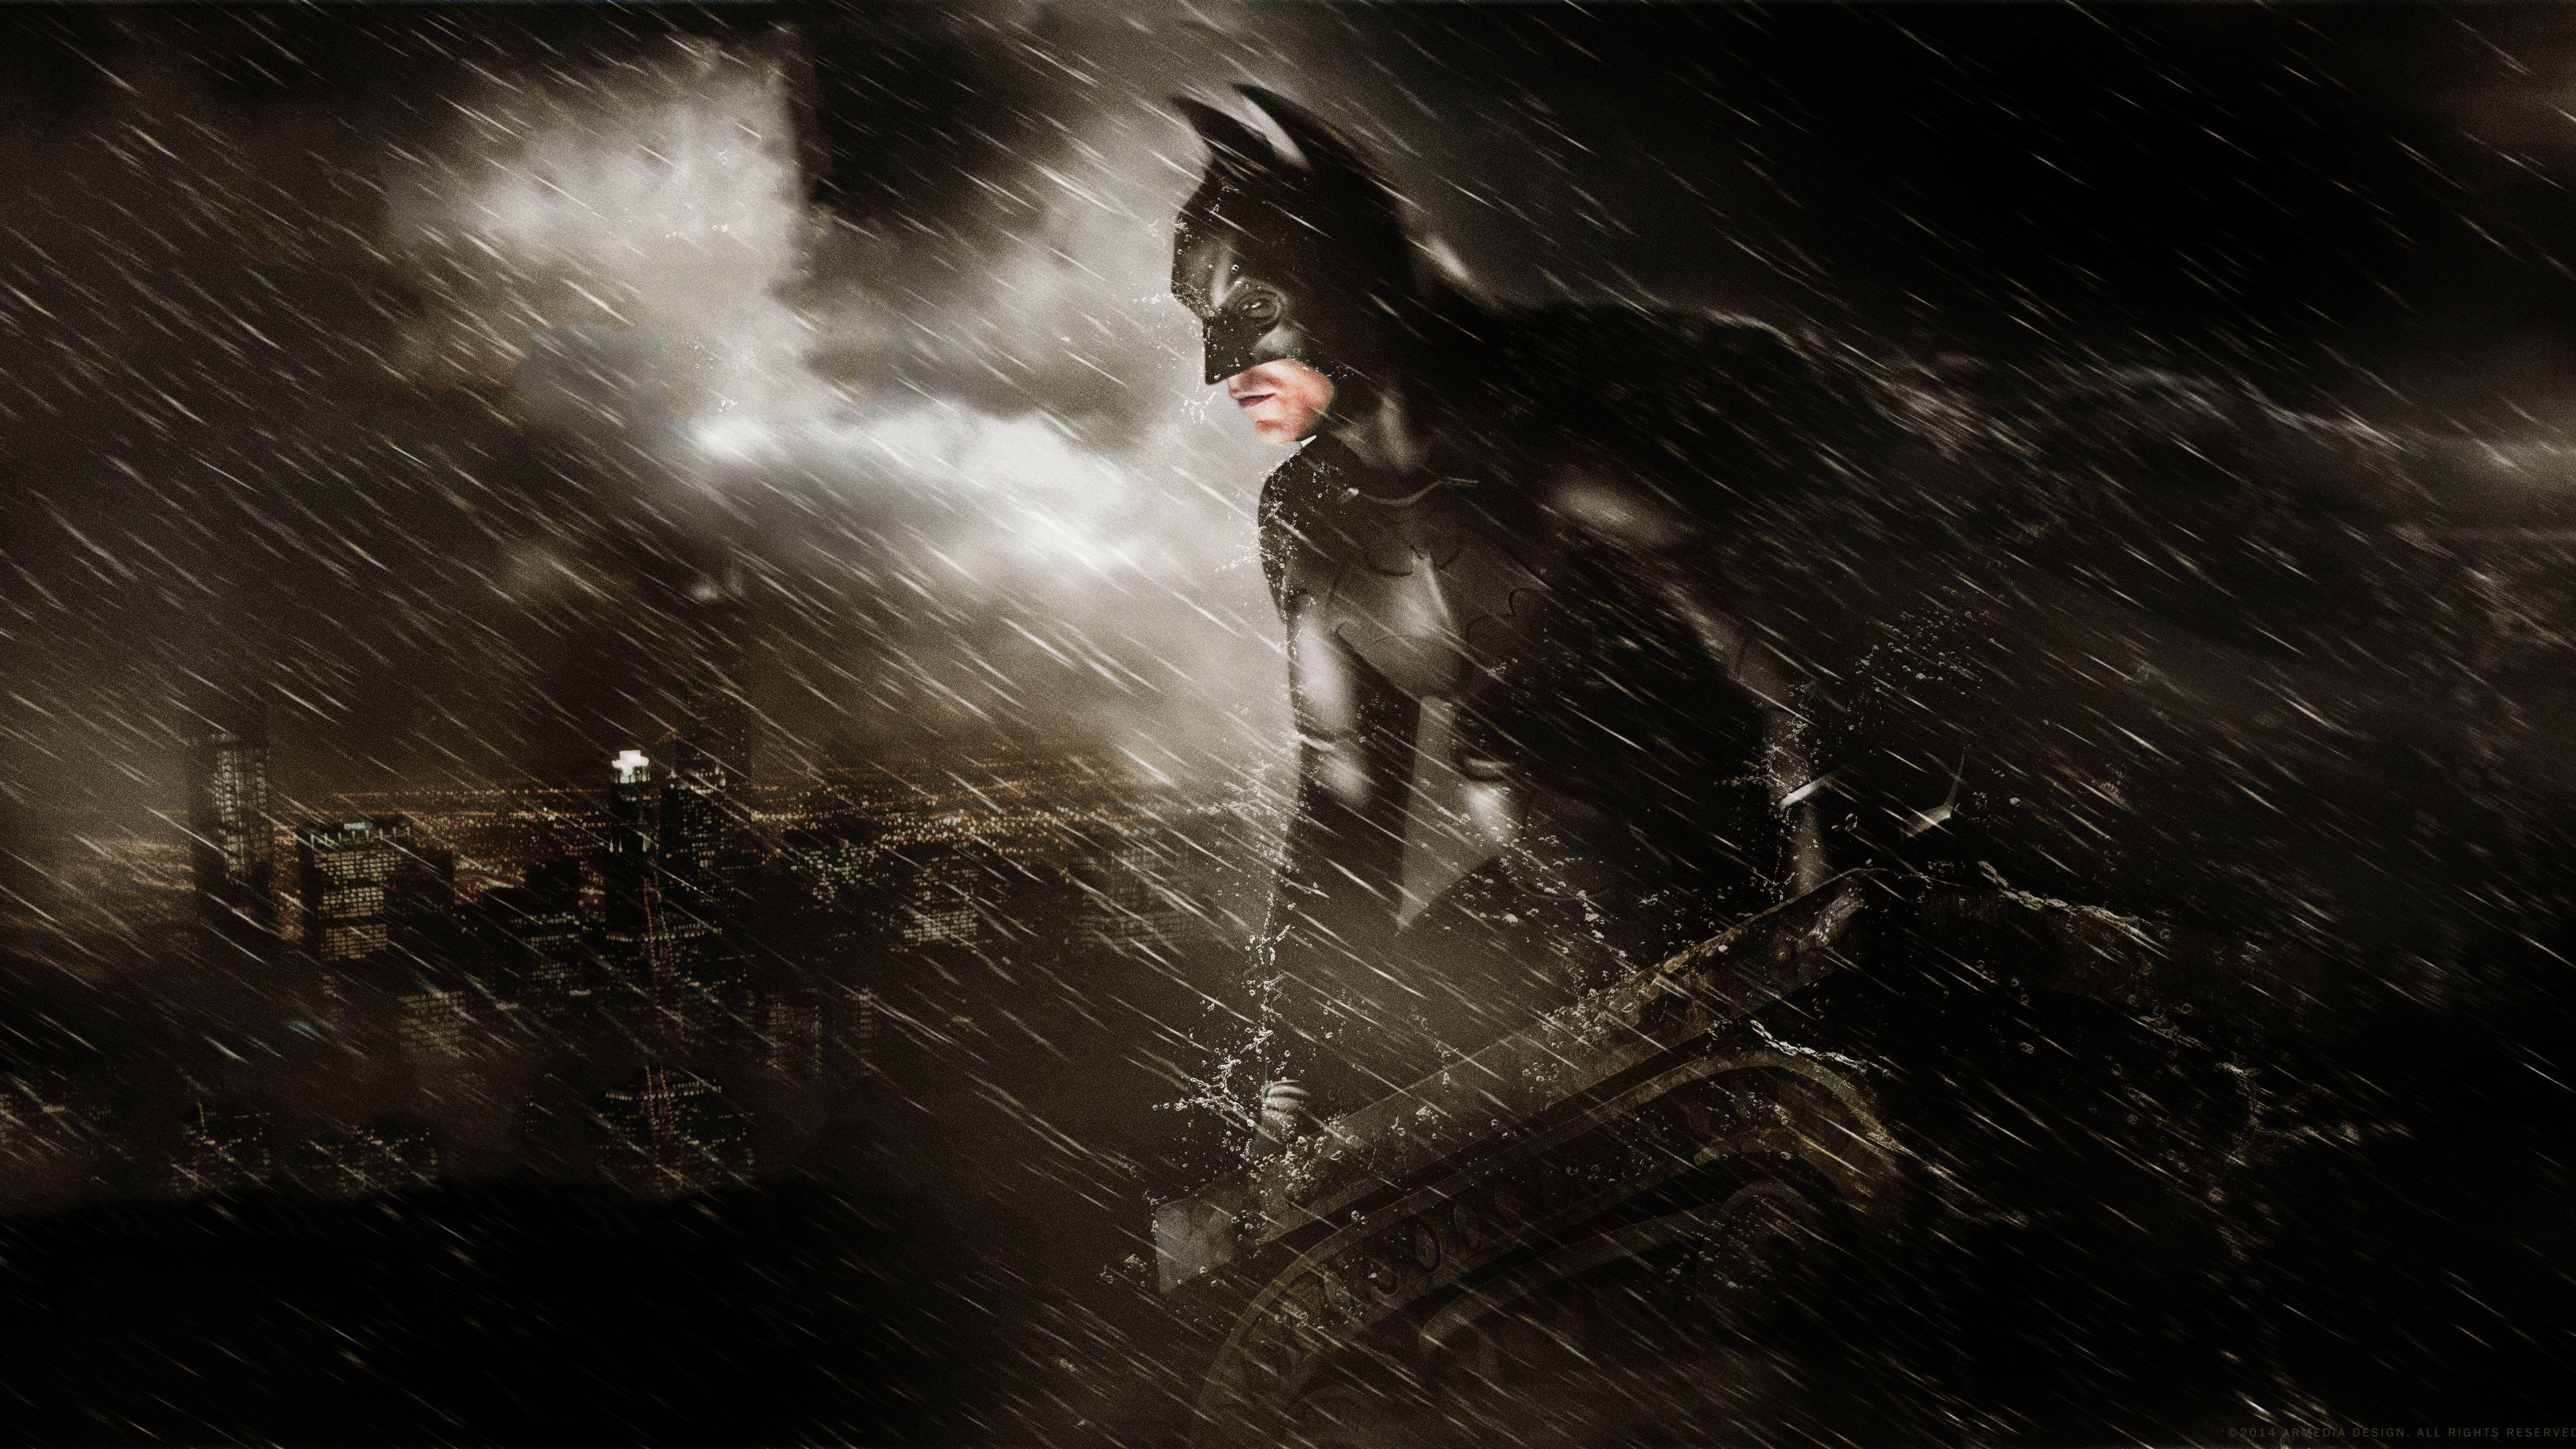 Batman Begins Movie 4k Superheroes Wallpapershd Wallpapers Superheroes Wallpapers Batman Wallpapers 4k Wallpapers Batman Begins Batman Wallpaper Batman